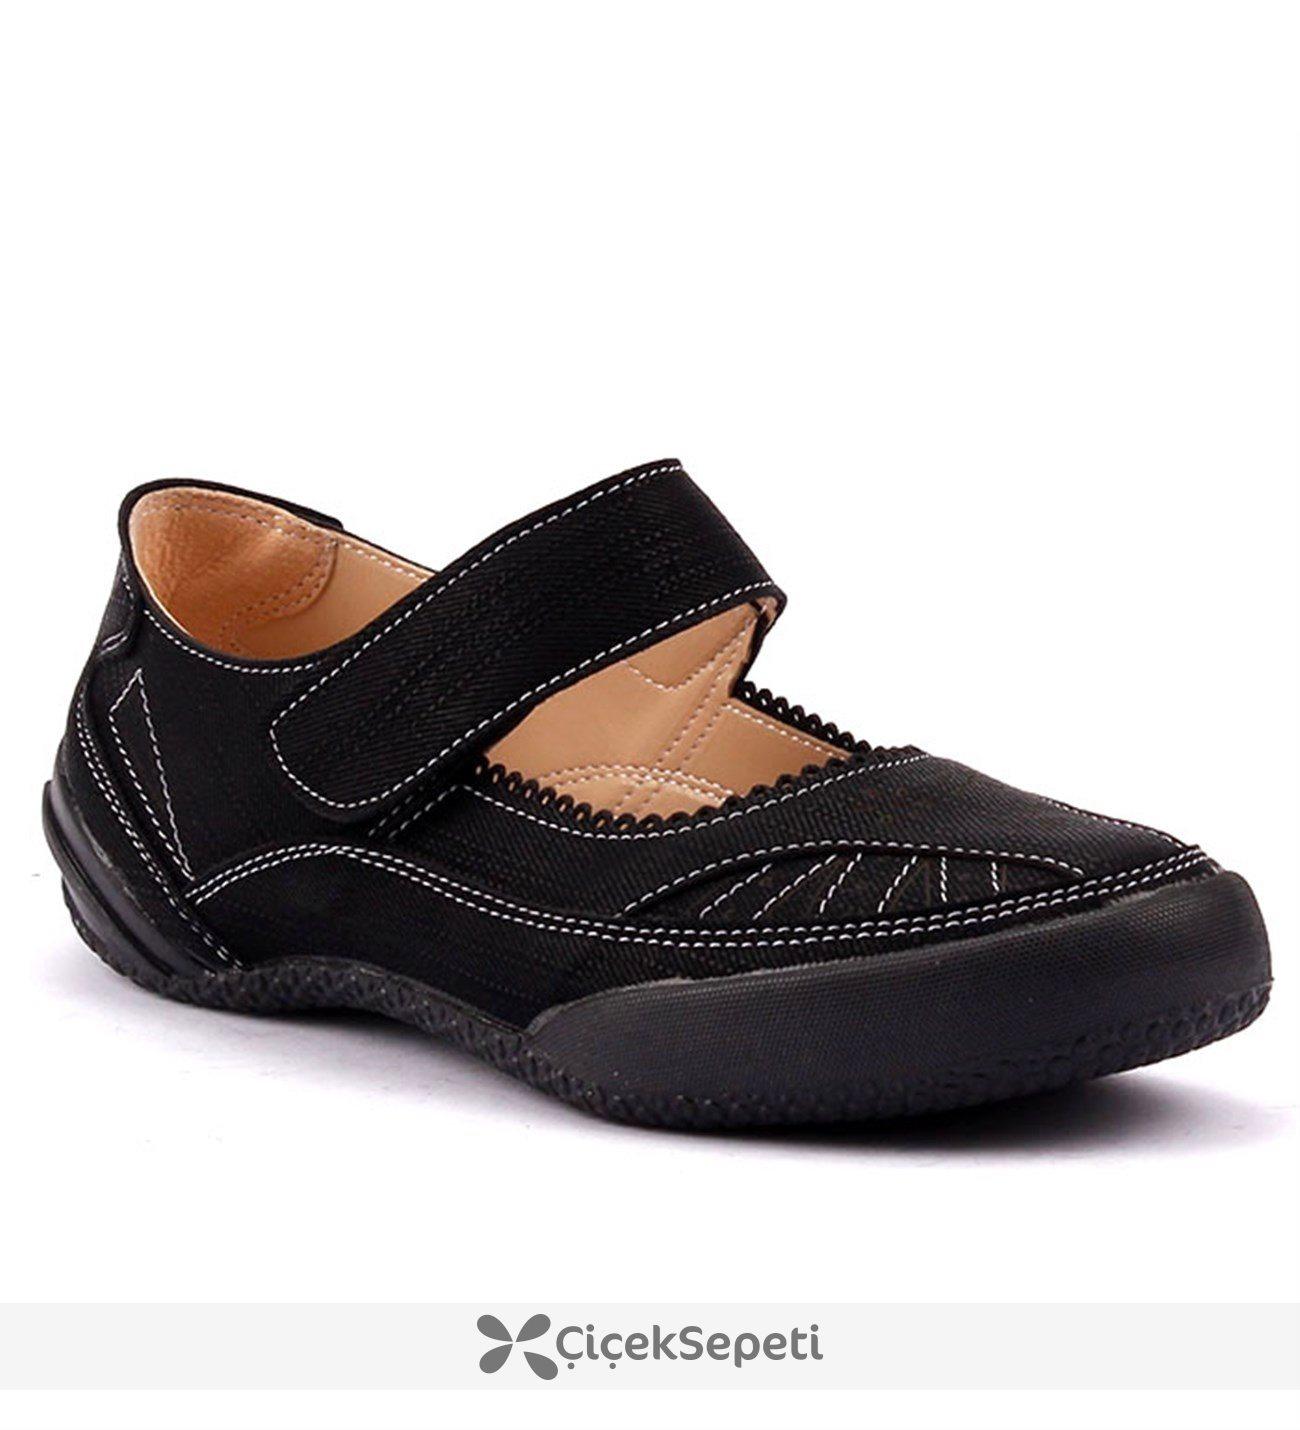 Caprito 436 Lacivert Cırtlı Ortopedik Yürüyüş Günlük Kadın Babet Ayakkabı